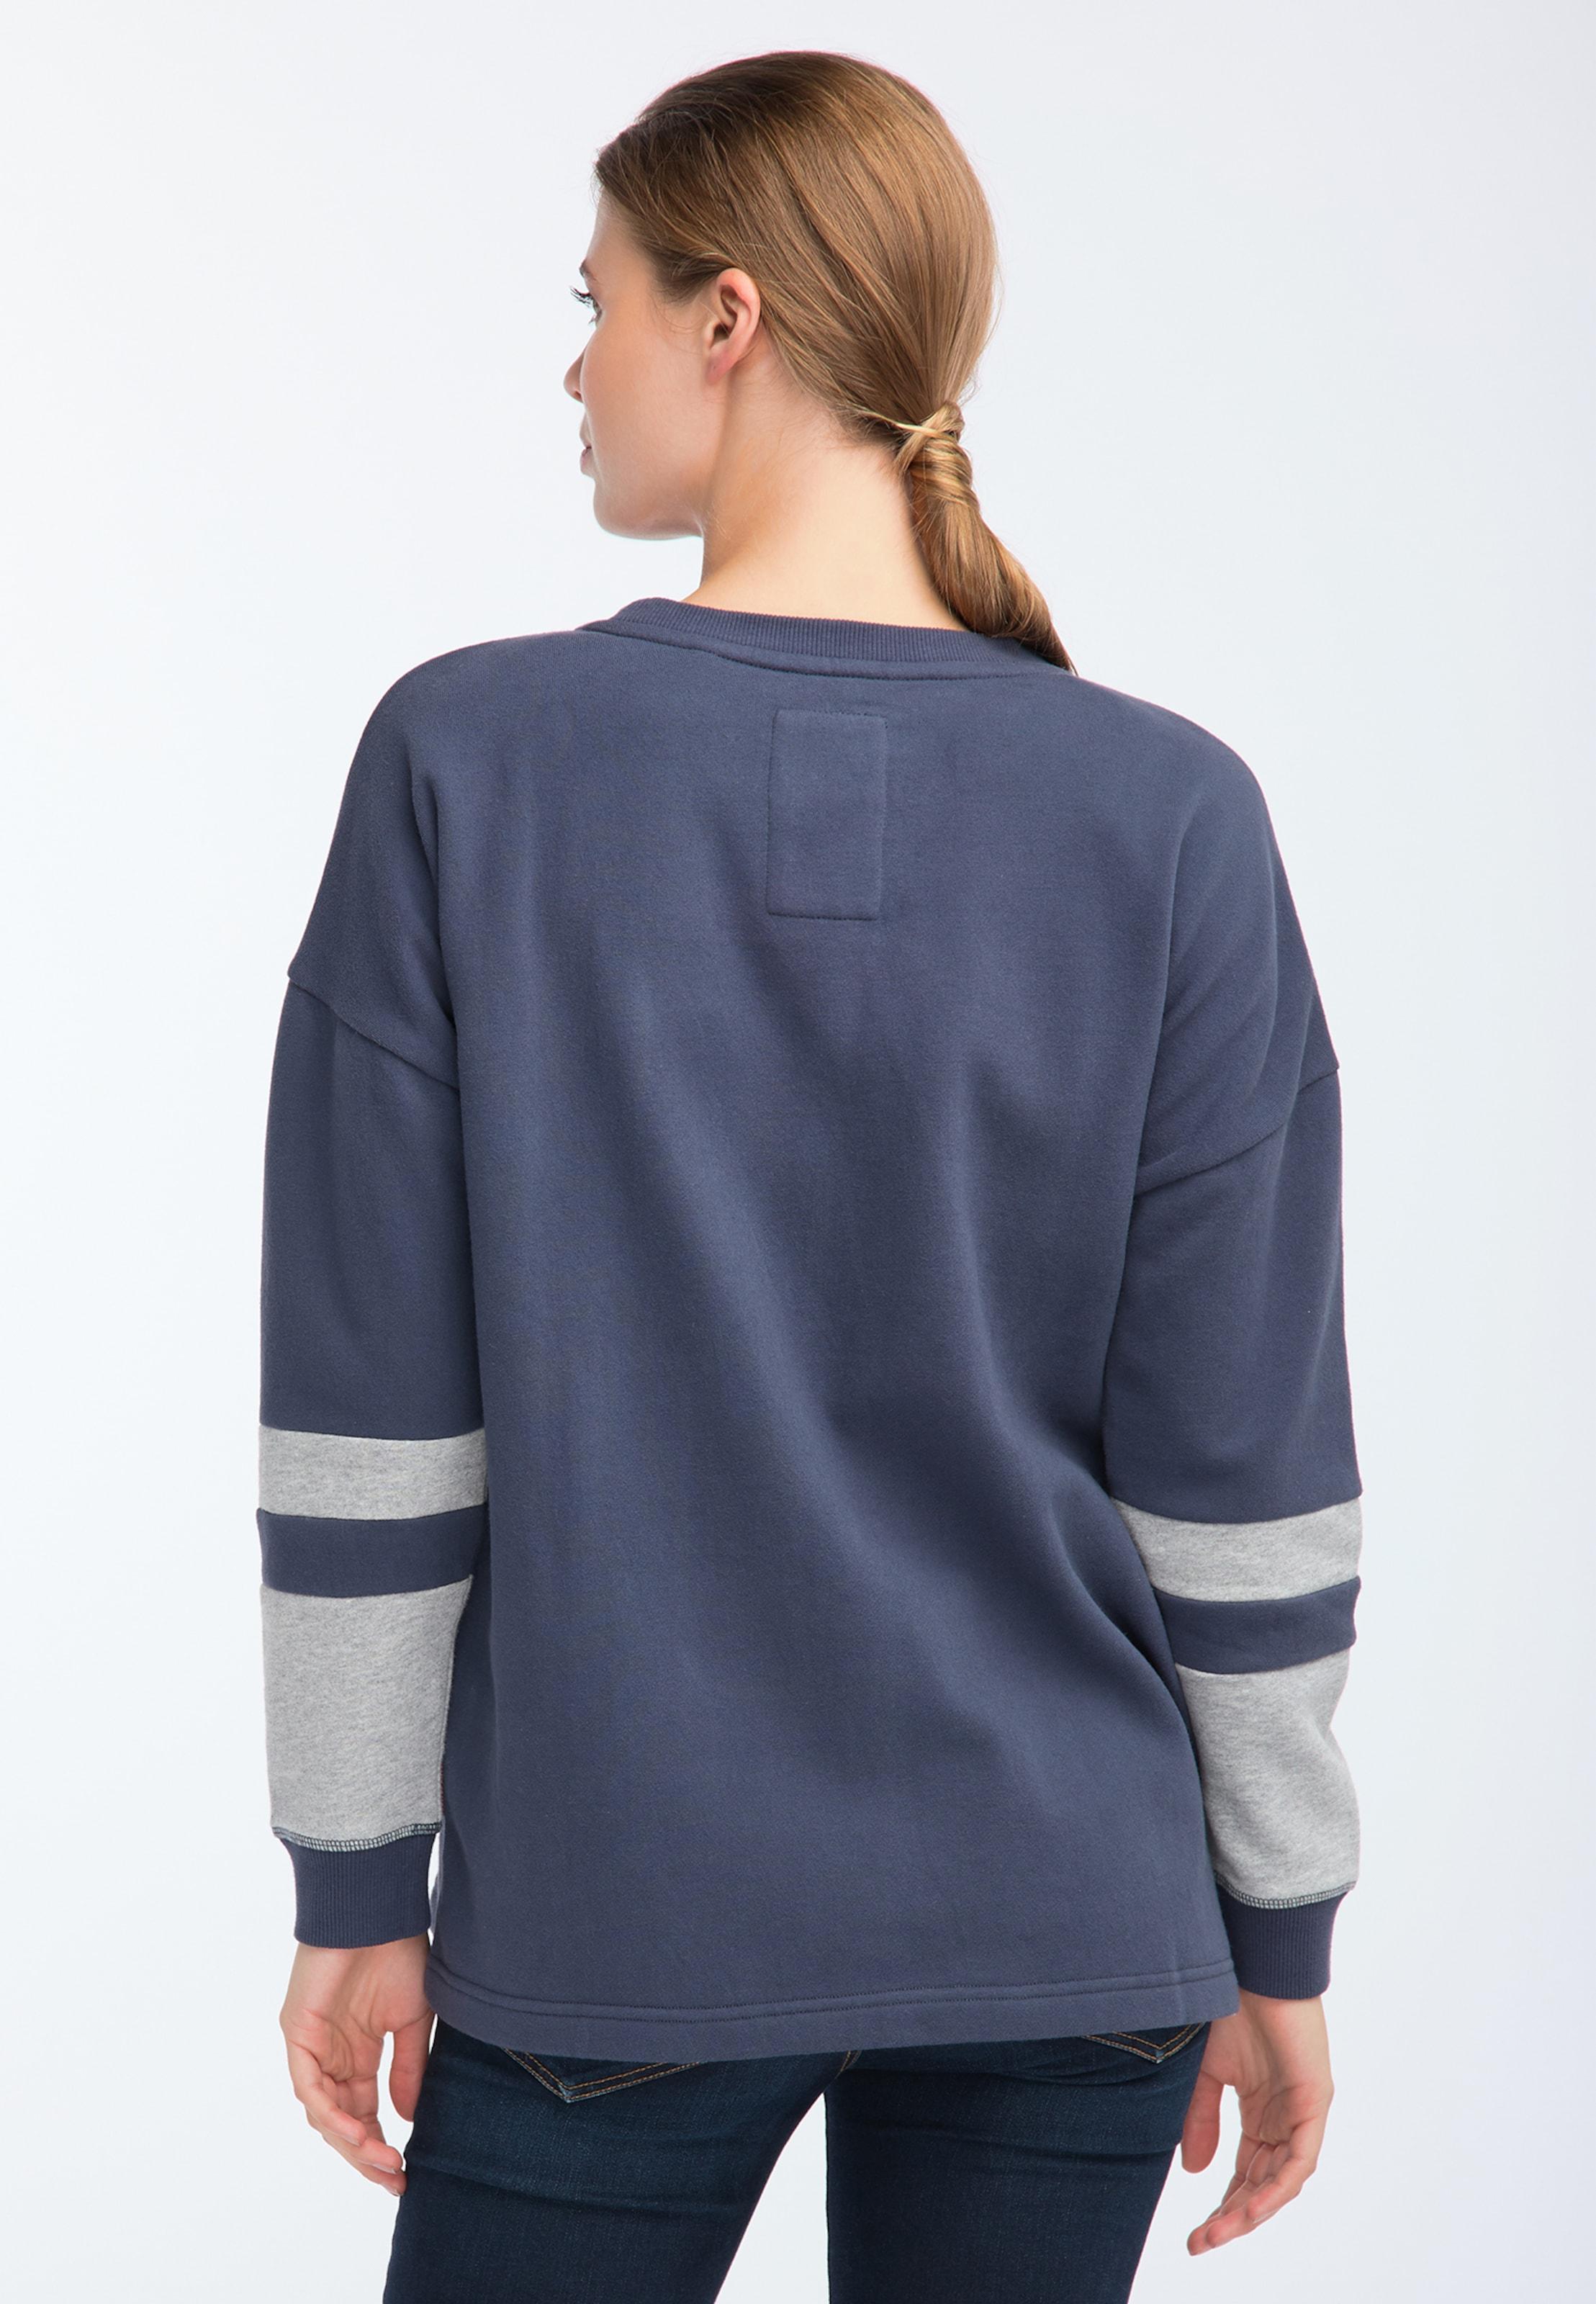 shirt Homebase En Noir BeigeGris Sweat QsCtdhxr